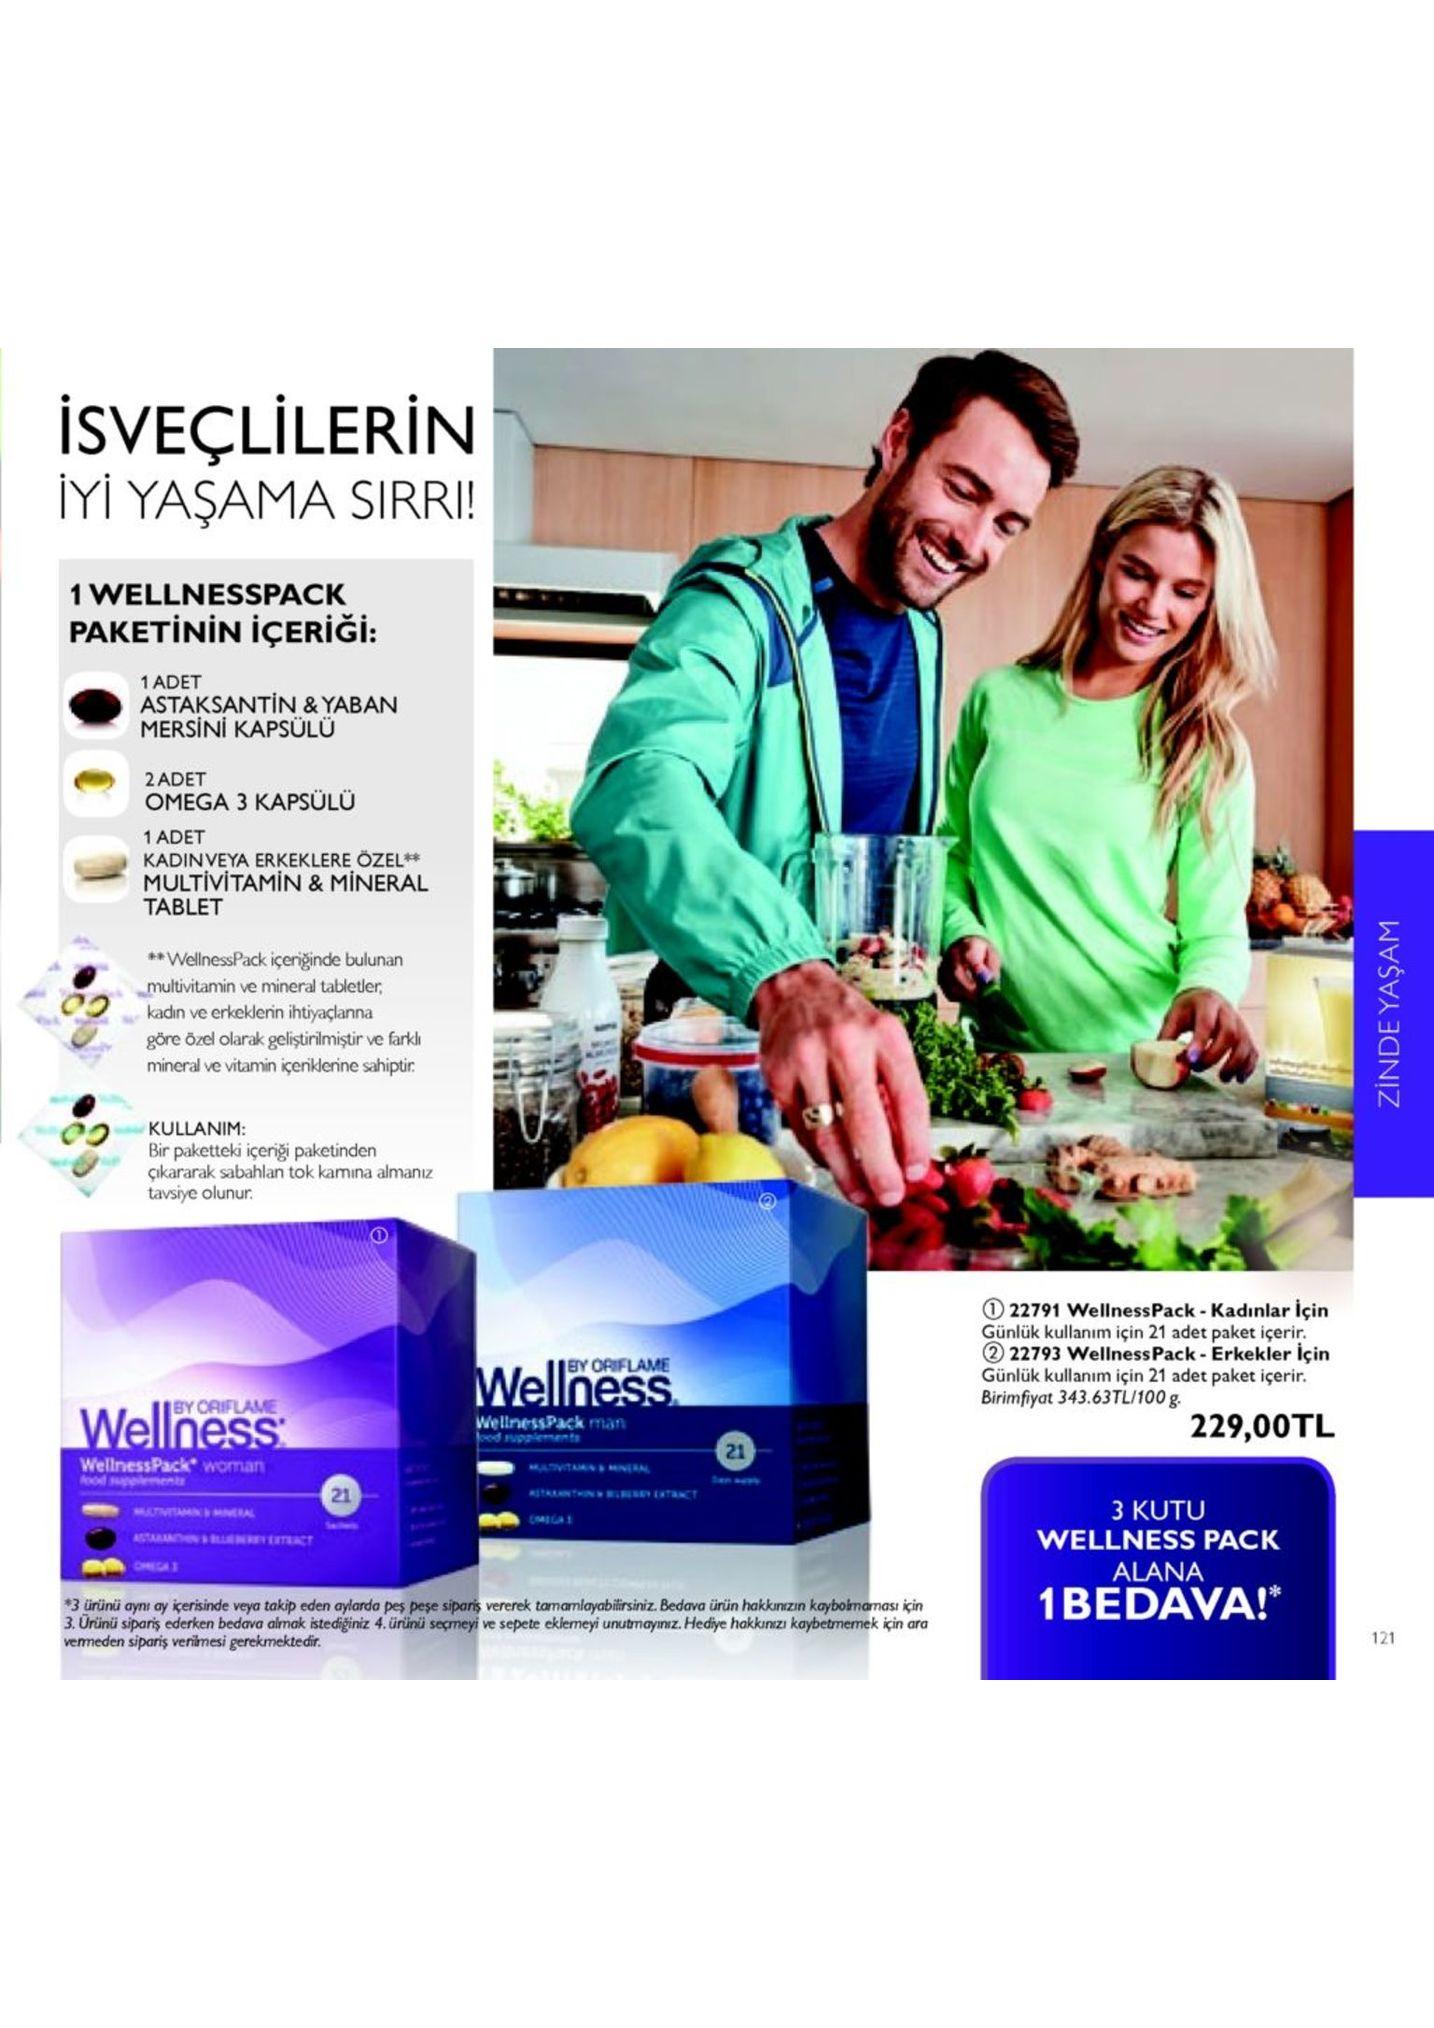 isveçli lerin iyi yaşama sirri 1 wellnesspack paketinin içeriği: 1adet astaksantin & yaban mersini kapsülü 2adet omega 3 kapsülü 1 adet kadinveya erkeklere özel** multivitamin & mineral tablet wellnesspack içeriğinde bulunan multivitamin ve mineral tabletler mineral ve vitamin içeniklerine sahiptir. bir paketteki içeriği paketinden kadin ve erkeklerin ih göre özel olarak geliştirimiştir e farkl iyaçlanna kullanim: çıkararak sabahlan tok kamına almanız tavsiye olunur. 1 22791 wellnesspack- kadınlar için günlük kullanim için 21 adet paket içerir. ② 22793 wellness pack-erkekler için günlük kullanım için 21 adet paket içerir. birimfiyat 343.63tl/100 g by oriflame by oriflame 229,00tl wellnesspack man 21 wellnesspack woman 21 3 kutu wellness pack alana 3 ürünü ayni ay içerisinde veya takip eden aylarda pes peşe siparis vererek tamamlayabilirsiniz. bedava ürün hakkınzin kayboimaması için 3. urünü siparis ederken bedava almak istediğiniz 4. ürinü sepmeyi ve sepete eklemeyi unutmayiniz. hediye hakkınizı kaybetmemek için ara venneden sipariş verilmesi gerekmektedi 1bedava! 121